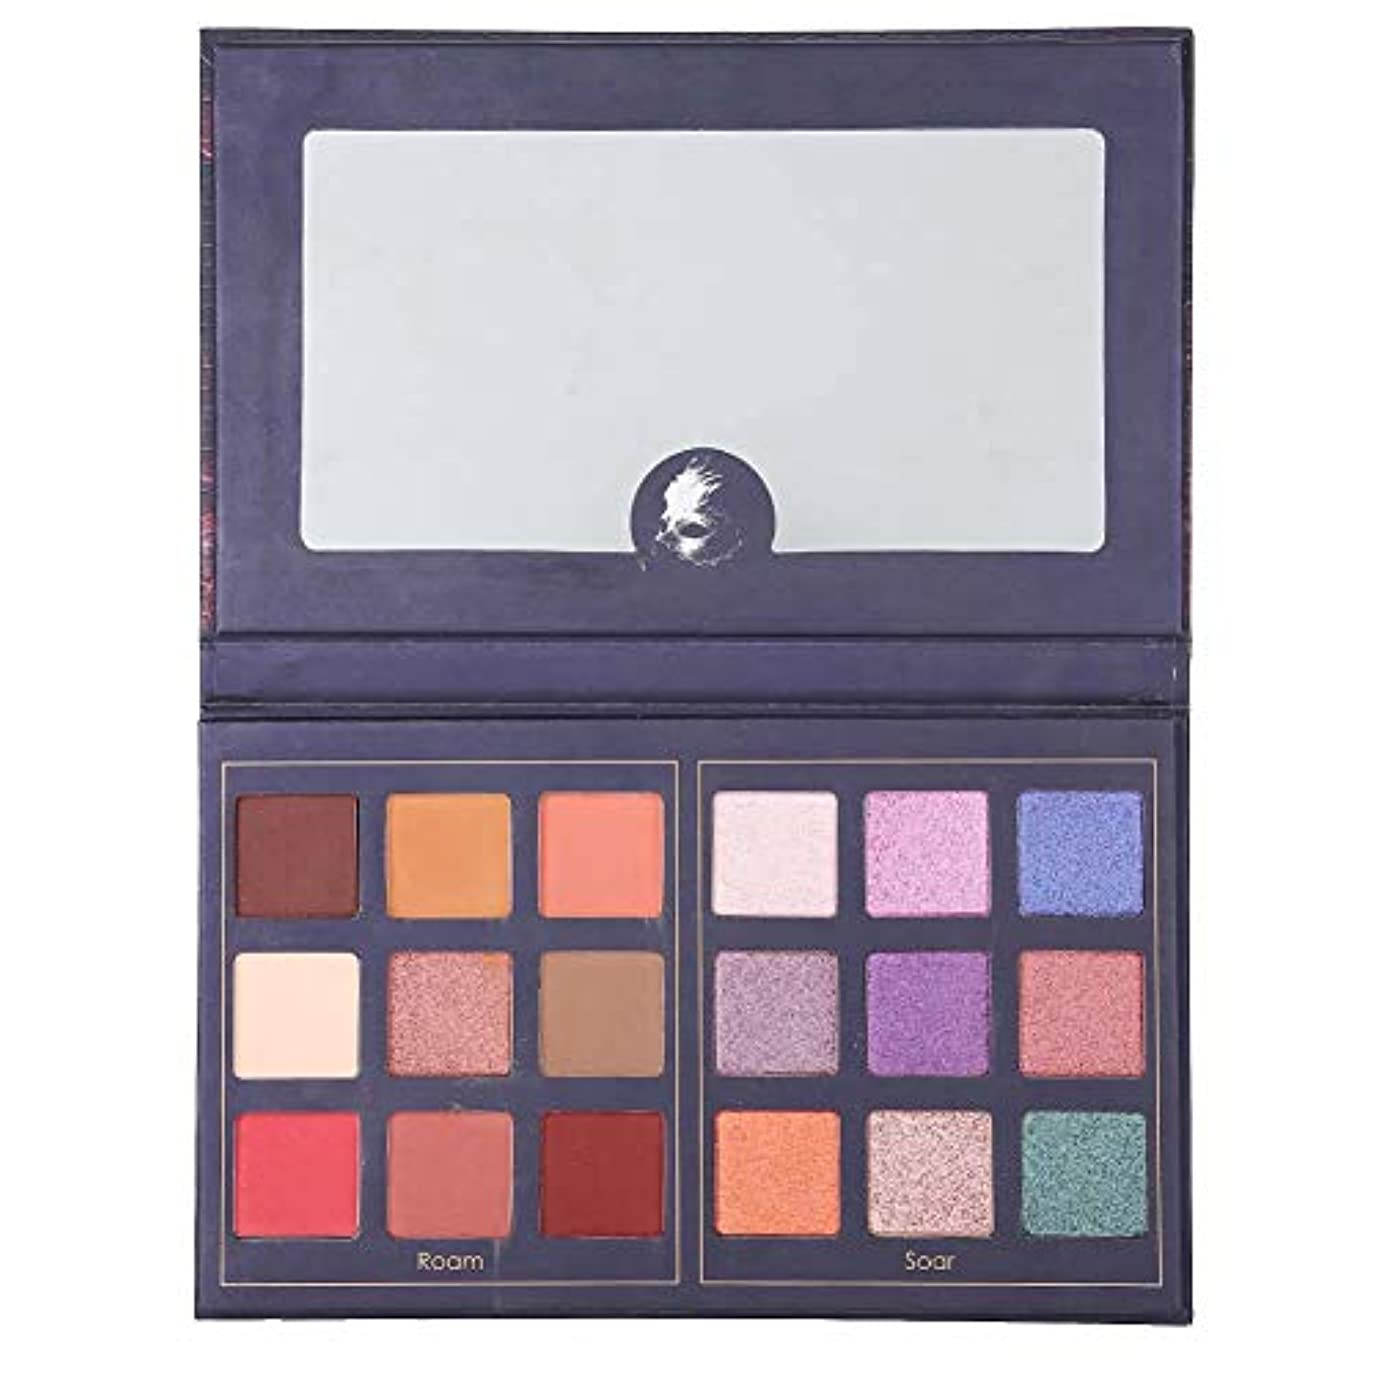 穀物骨折試してみるアイシャドウパレットグリッター 18色 美しい 化粧品アイシャドウ化粧パウダー